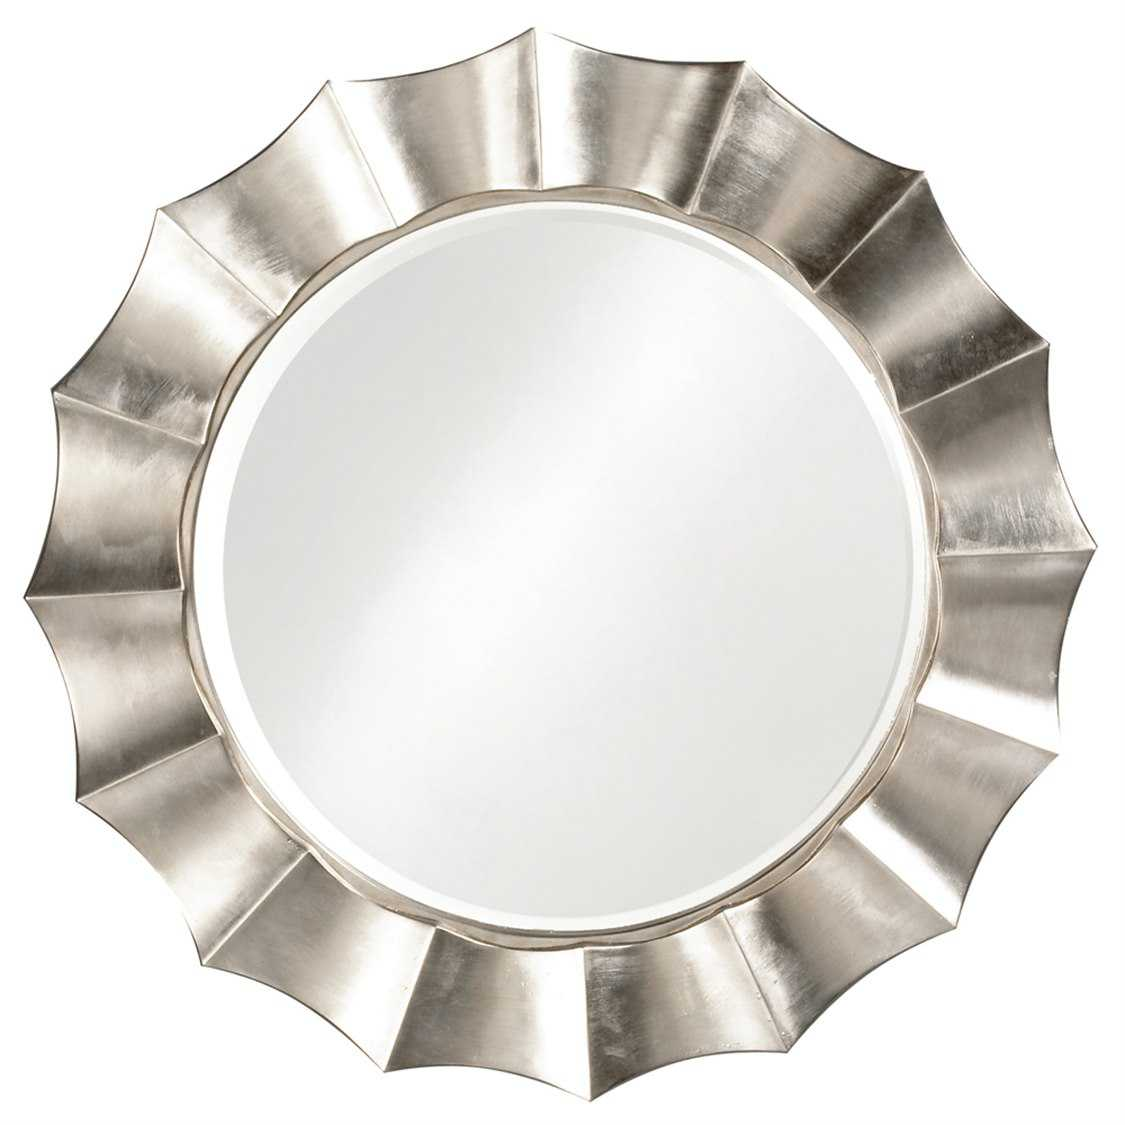 Howard elliott corona 41 round silver wall mirror 6019 for Round silver wall mirror